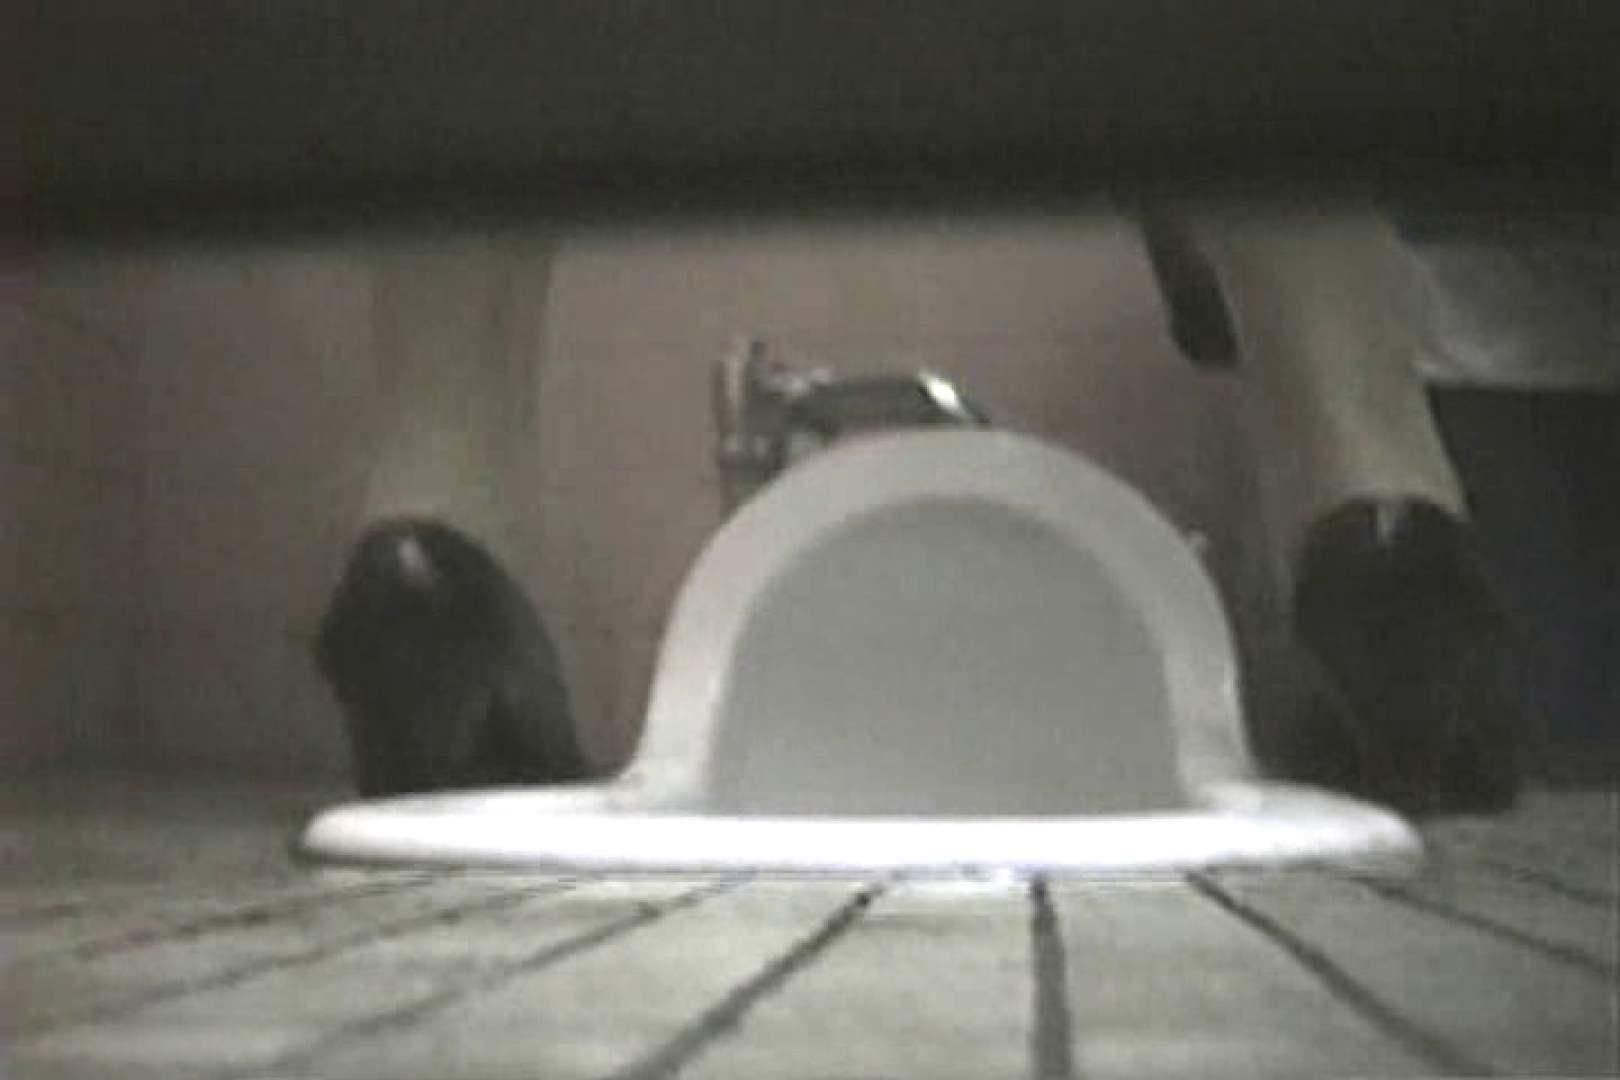 プロには撮れない女子洗面所の内部 TK-70 独占盗撮 ぱこり動画紹介 79連発 27